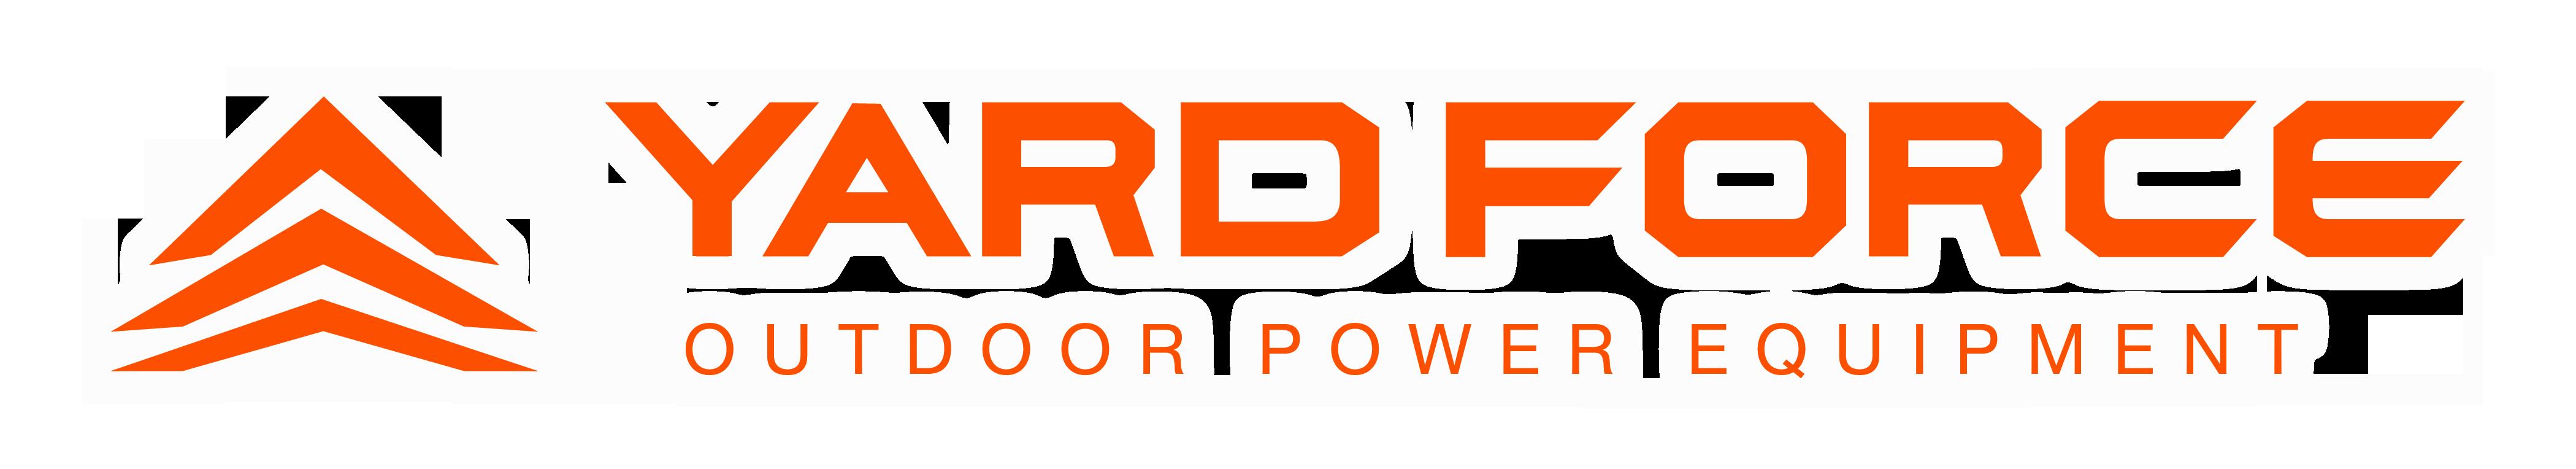 yf-logo-orange-outer-glow.png